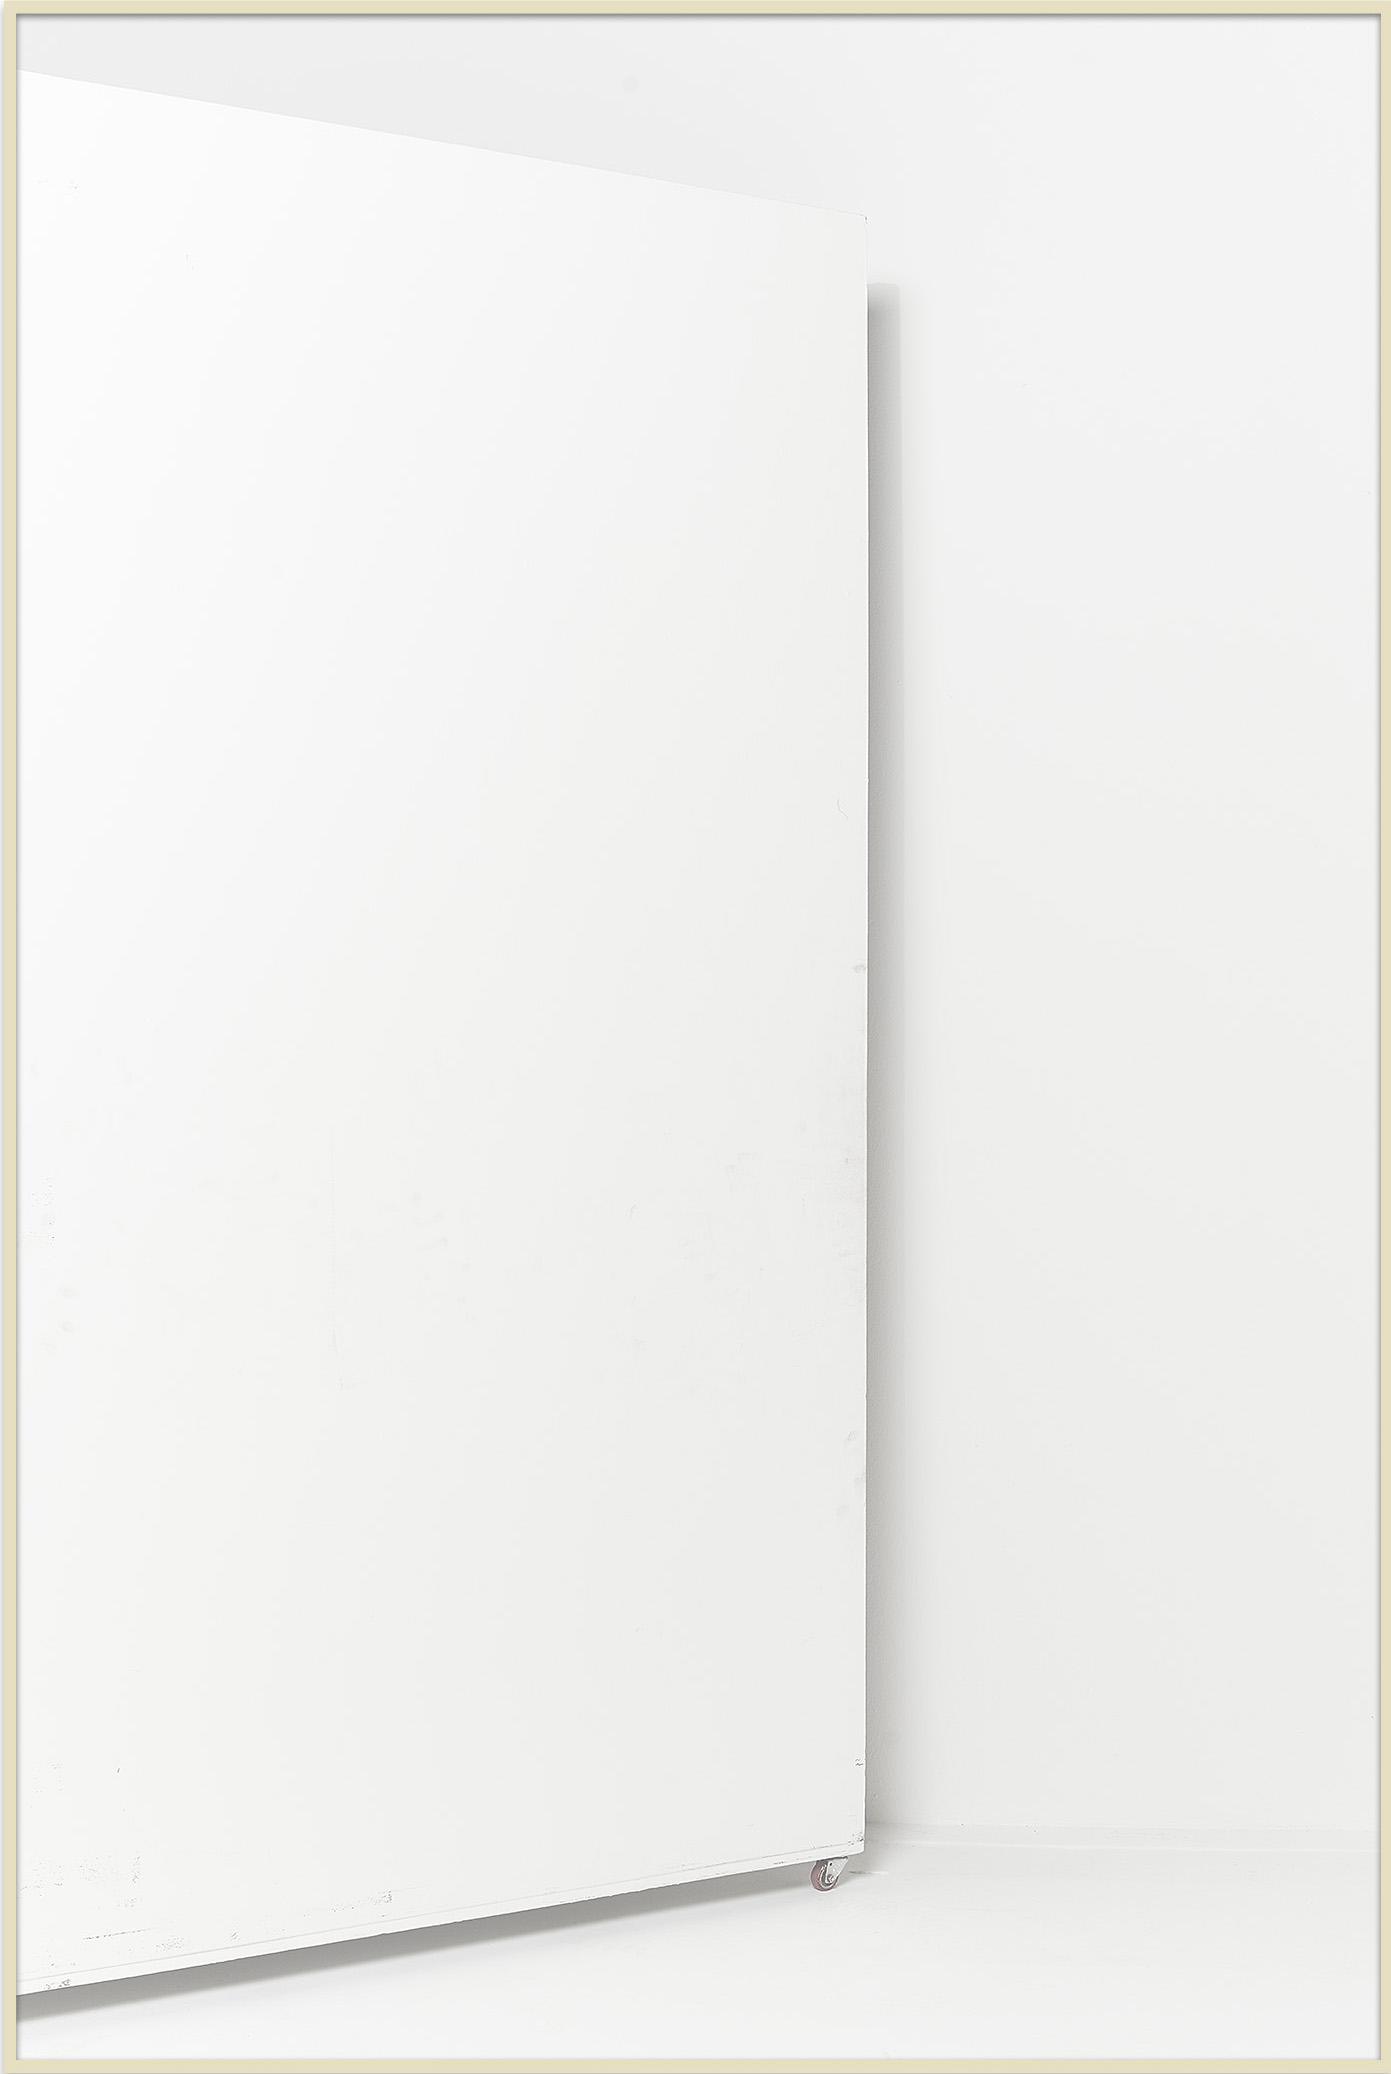 site _ Planæ _ Antonio Wolff _ 2018 _ fotografia em papel fibra de algodao – 42x62cm _ soma galeria